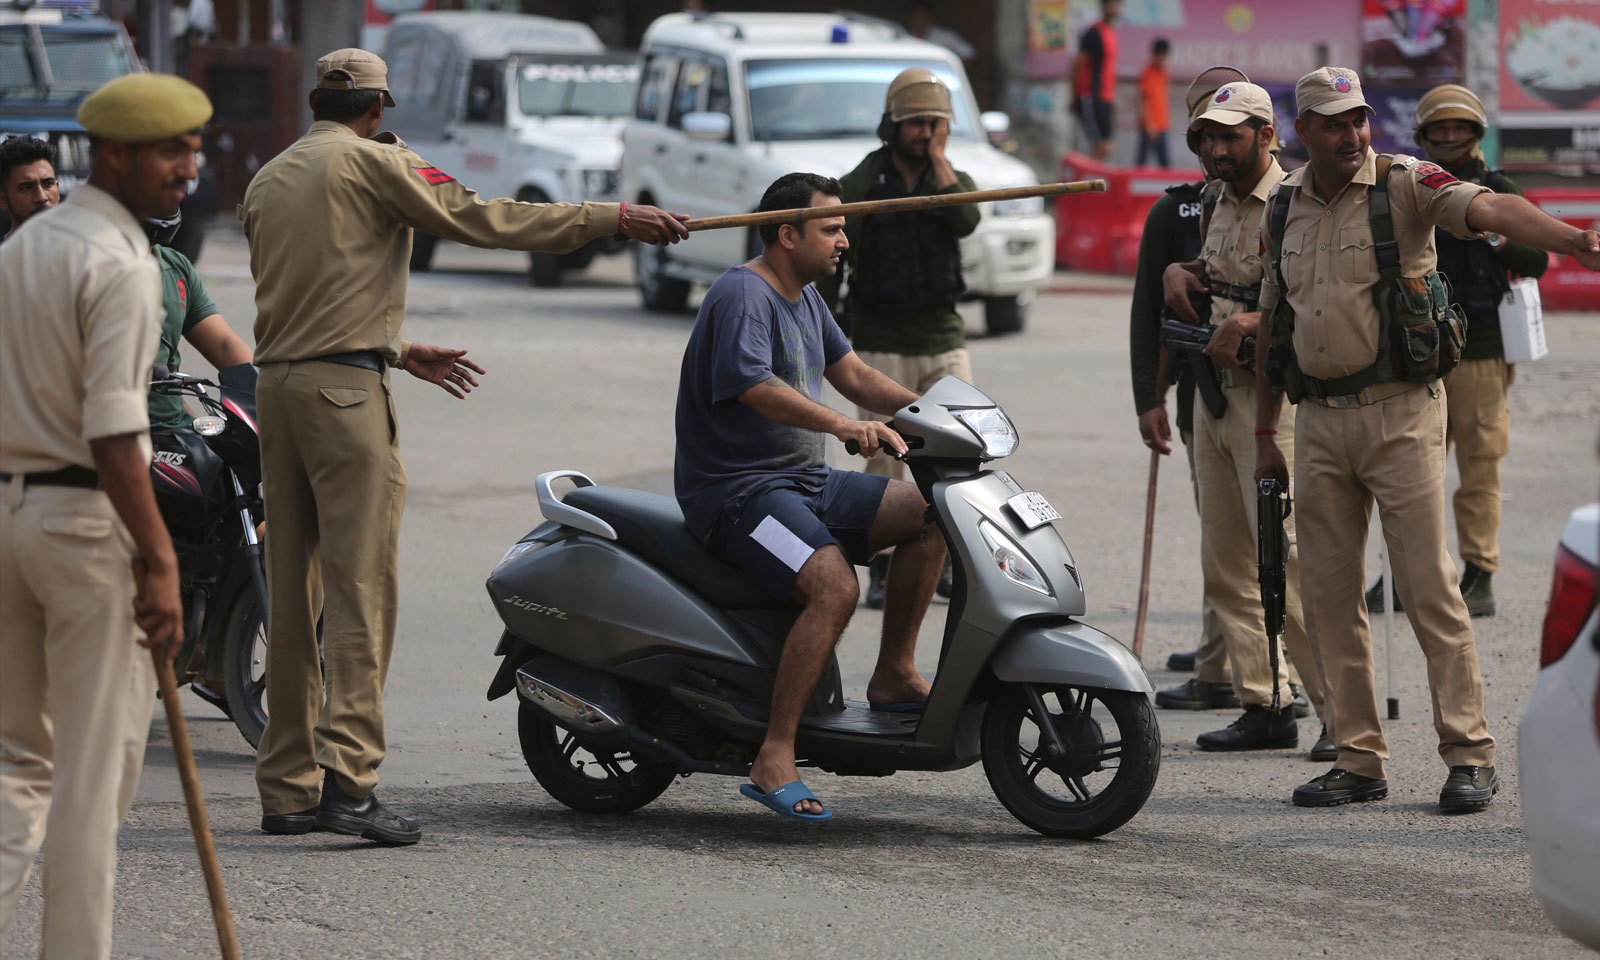 مقبوضہ کشمیر میں سیکیورٹی اہلکاروں کی تعداد میں اضافہ بھی کیا گیا پے — فوٹو: اے پی